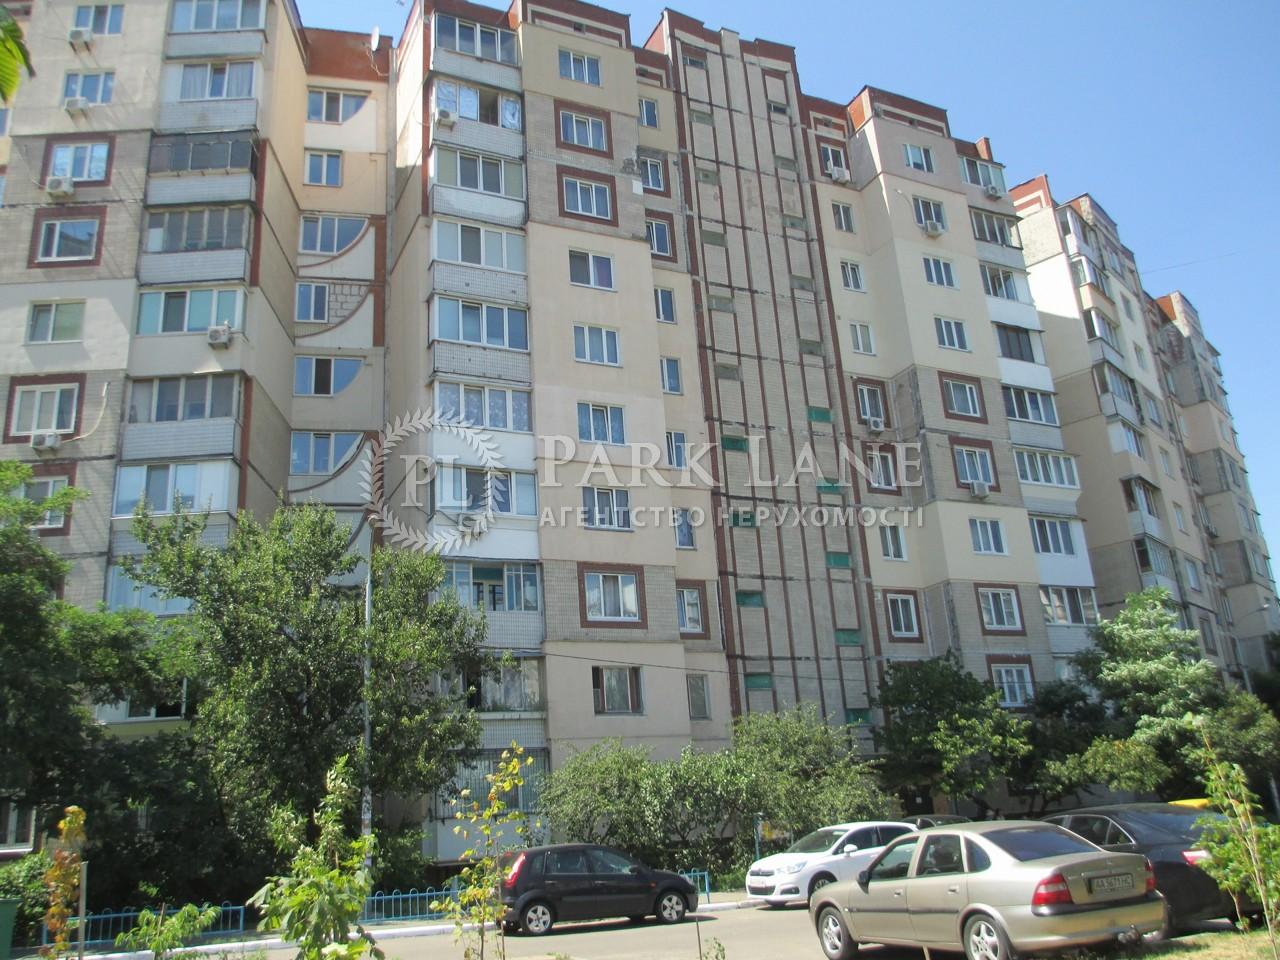 Квартира ул. Каштановая, 3, Киев, B-95291 - Фото 1